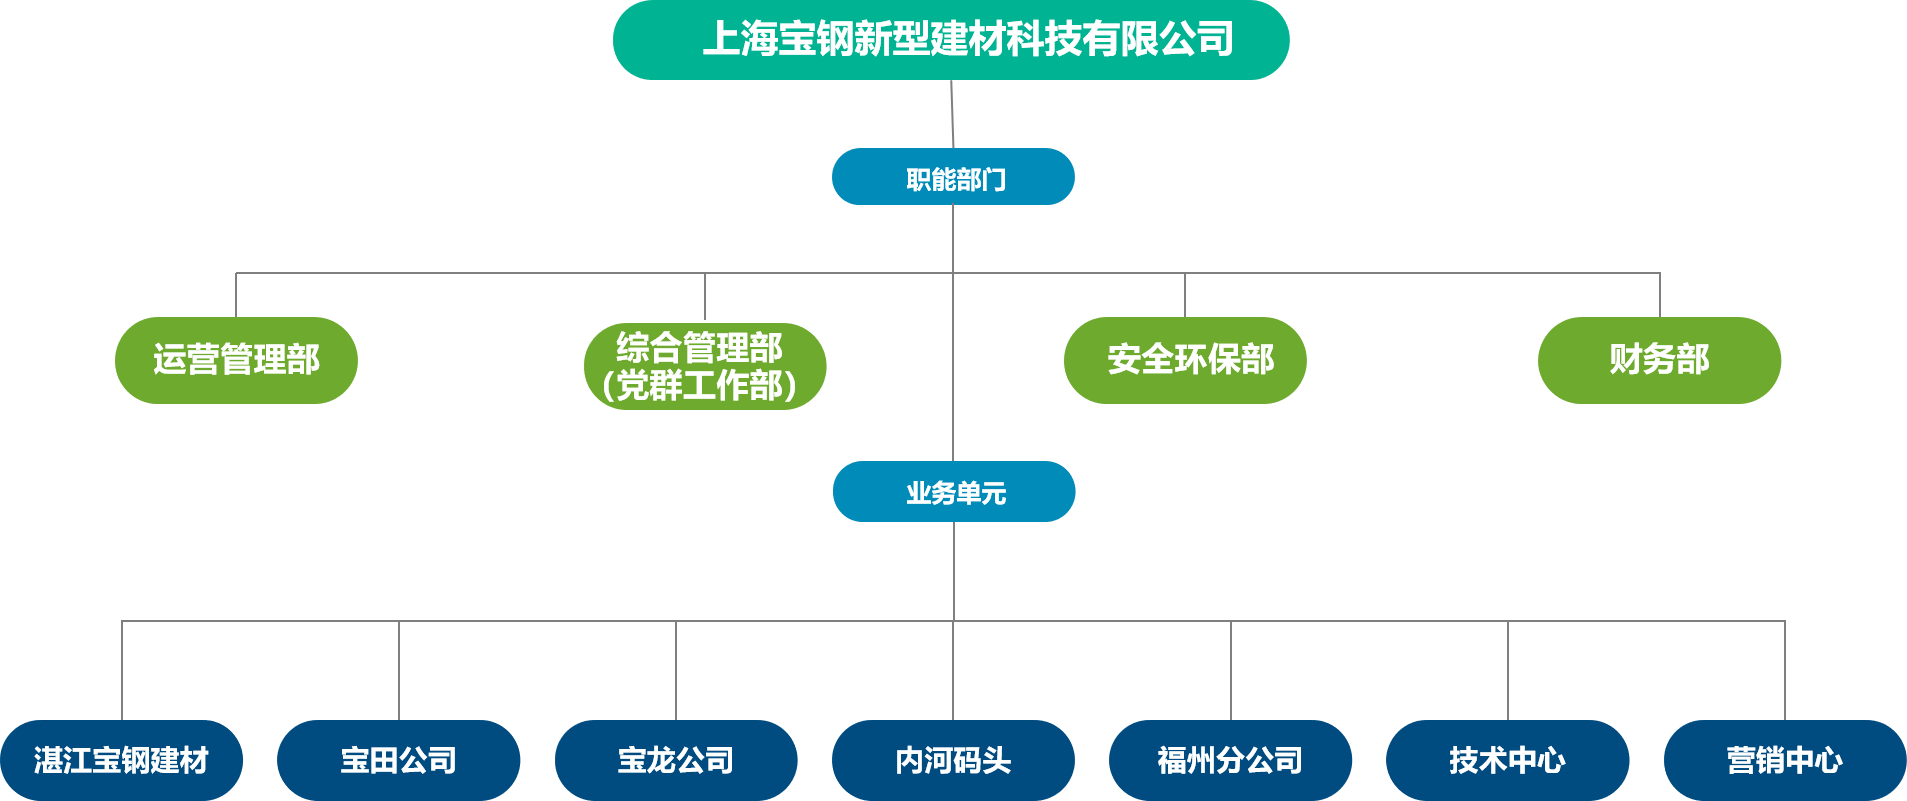 组织机构图2021.7.19